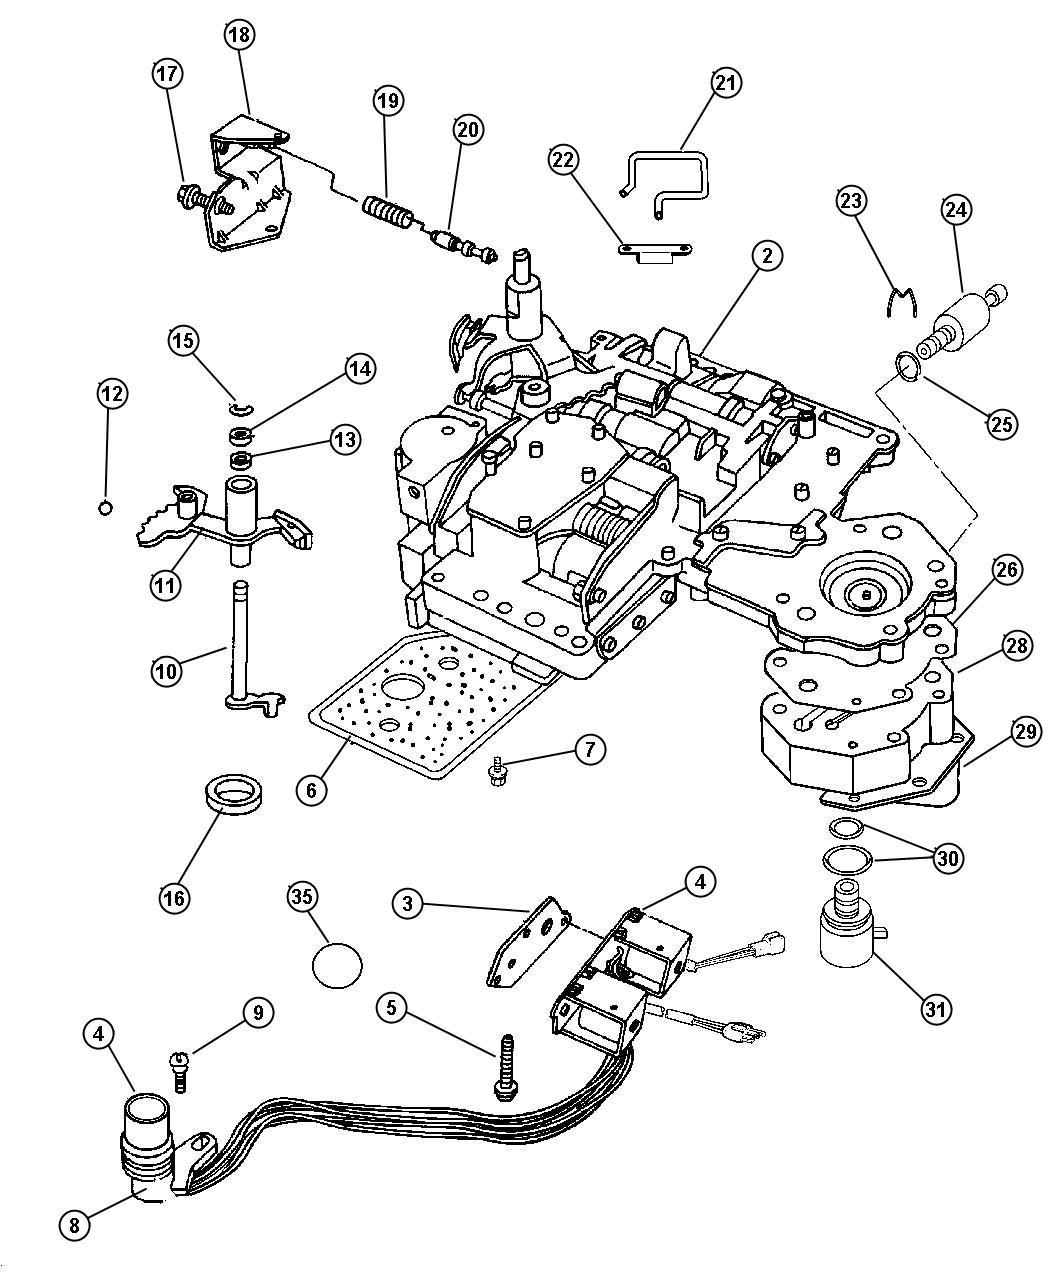 dodge ram transmission overdrive solenoid